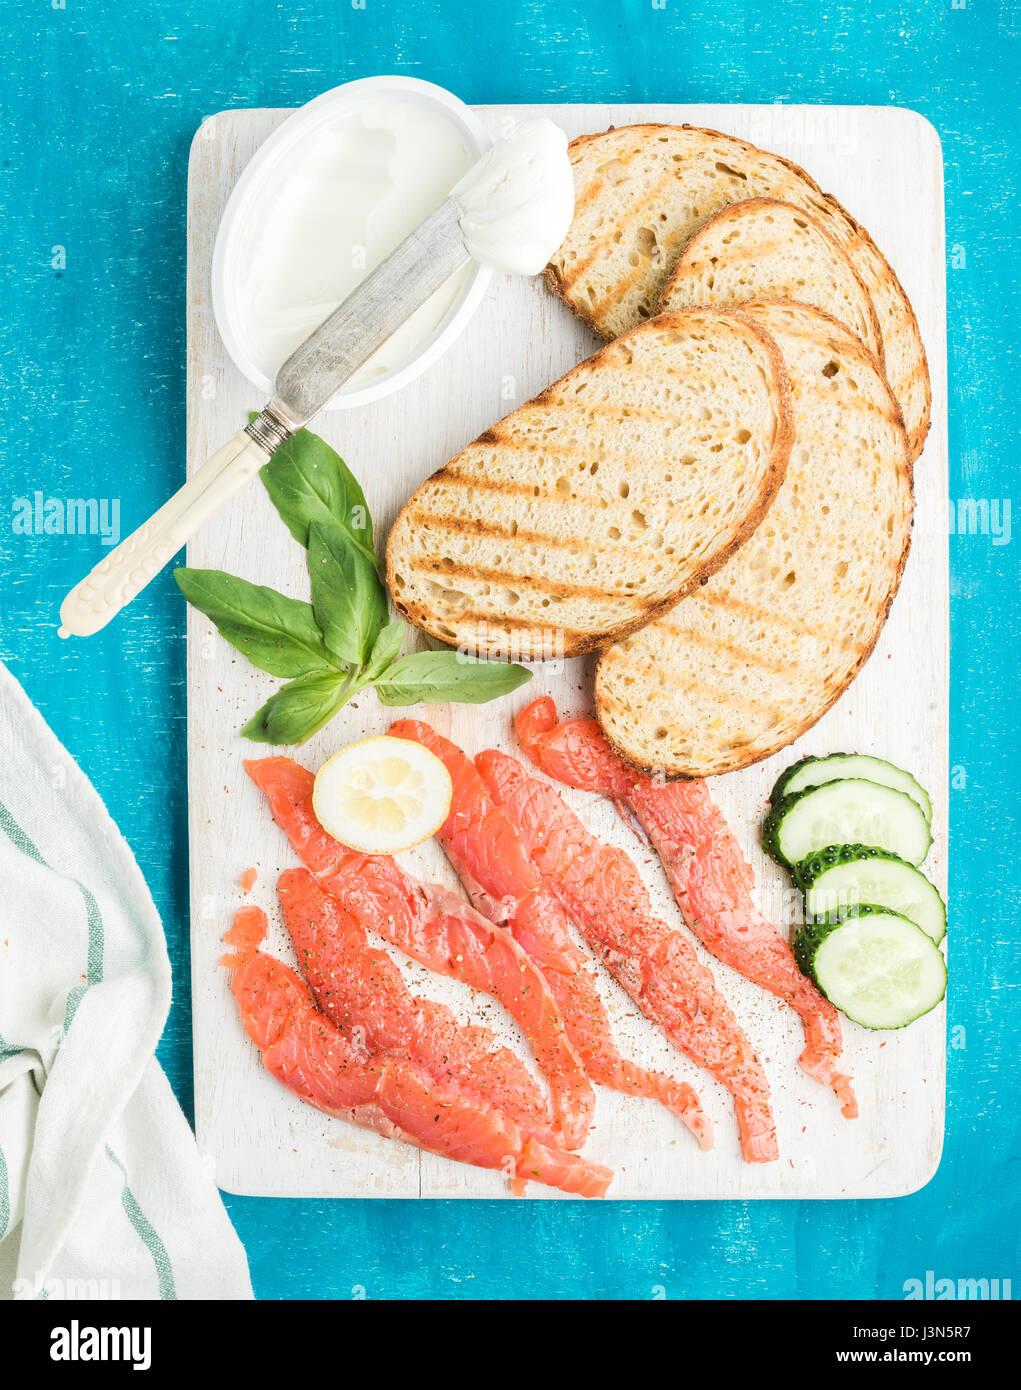 Ingredienti per una sana sandwich. Grigliate le fette di pane, salmone affumicato, ricotta, cetriolo e basilico Immagini Stock